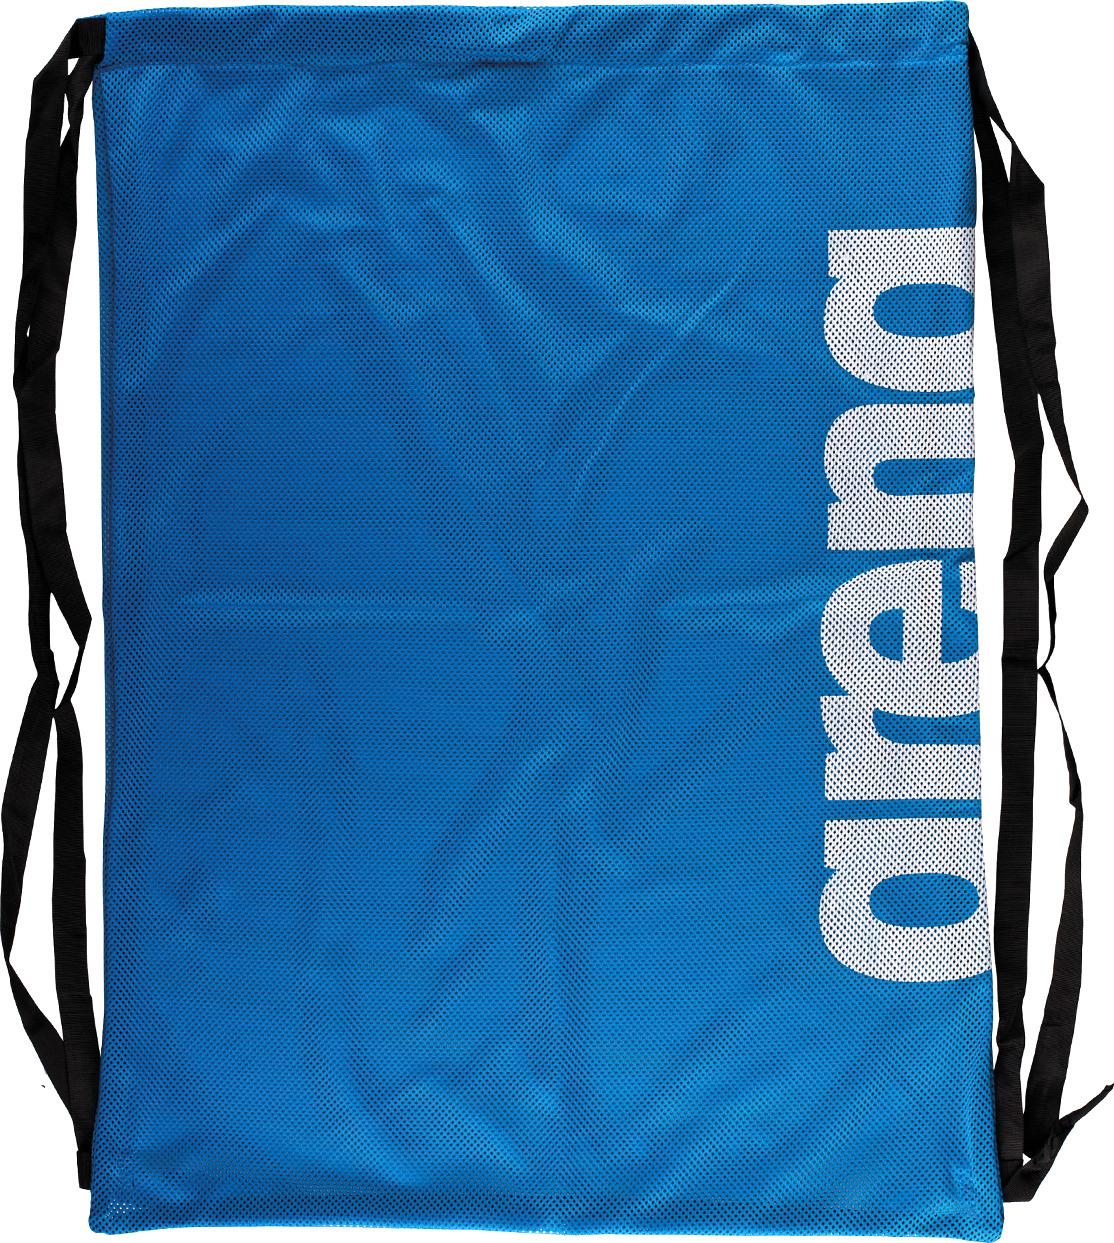 Сумка-мешок Arena, цвет:  голубой, 65 х 45 см.  1E045 71 Arena